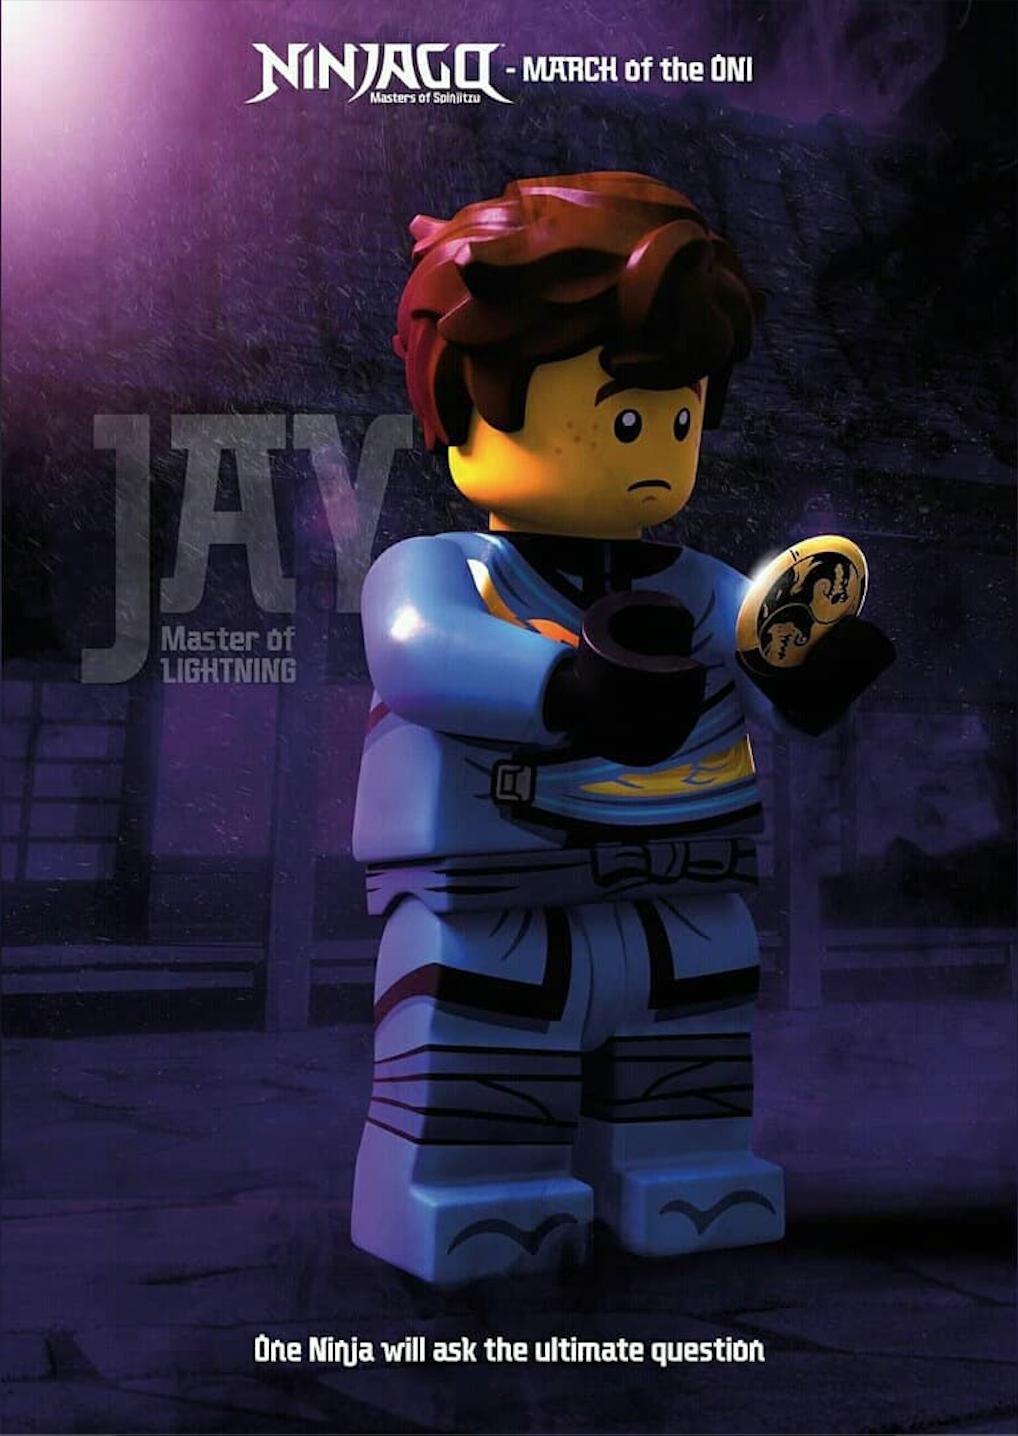 Jay Ninjago Lego Ninjago Ninjago